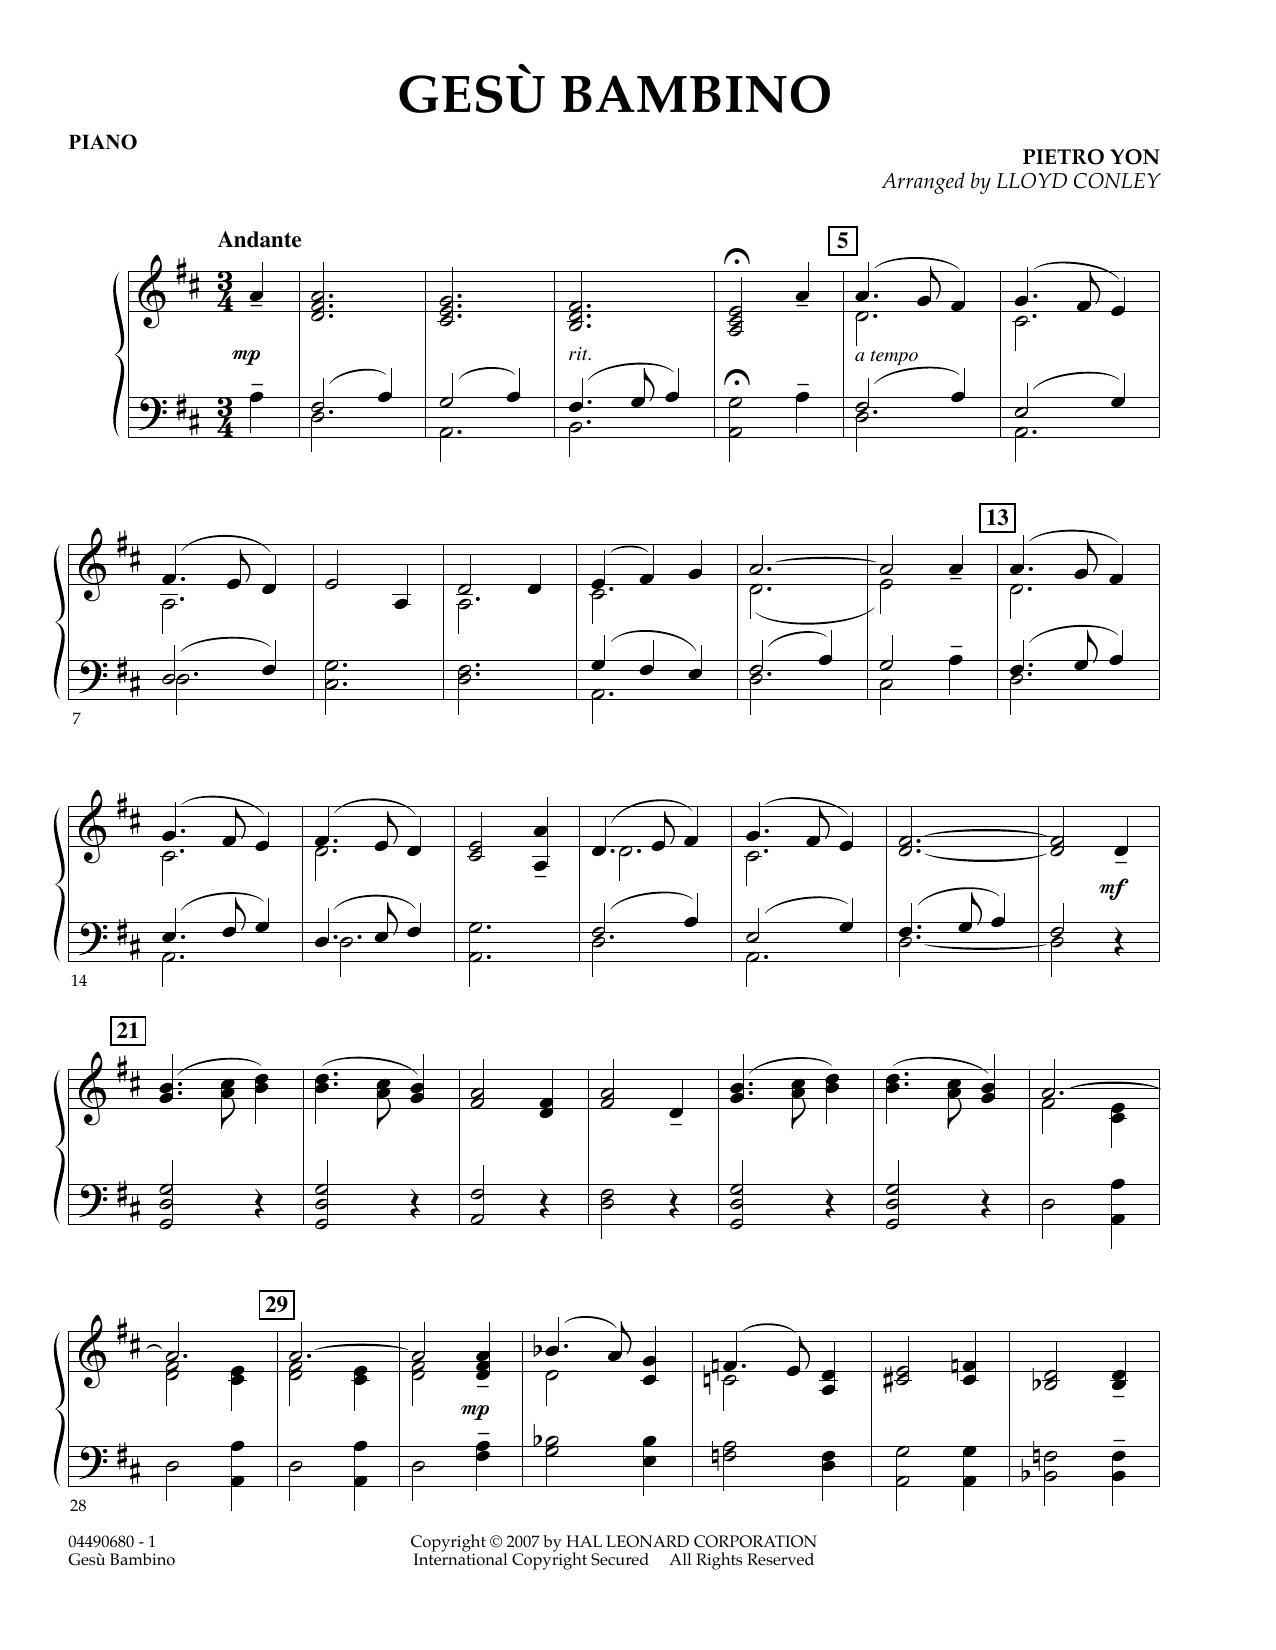 Lloyd Conley Gesu Bambino - Piano sheet music notes and chords. Download Printable PDF.